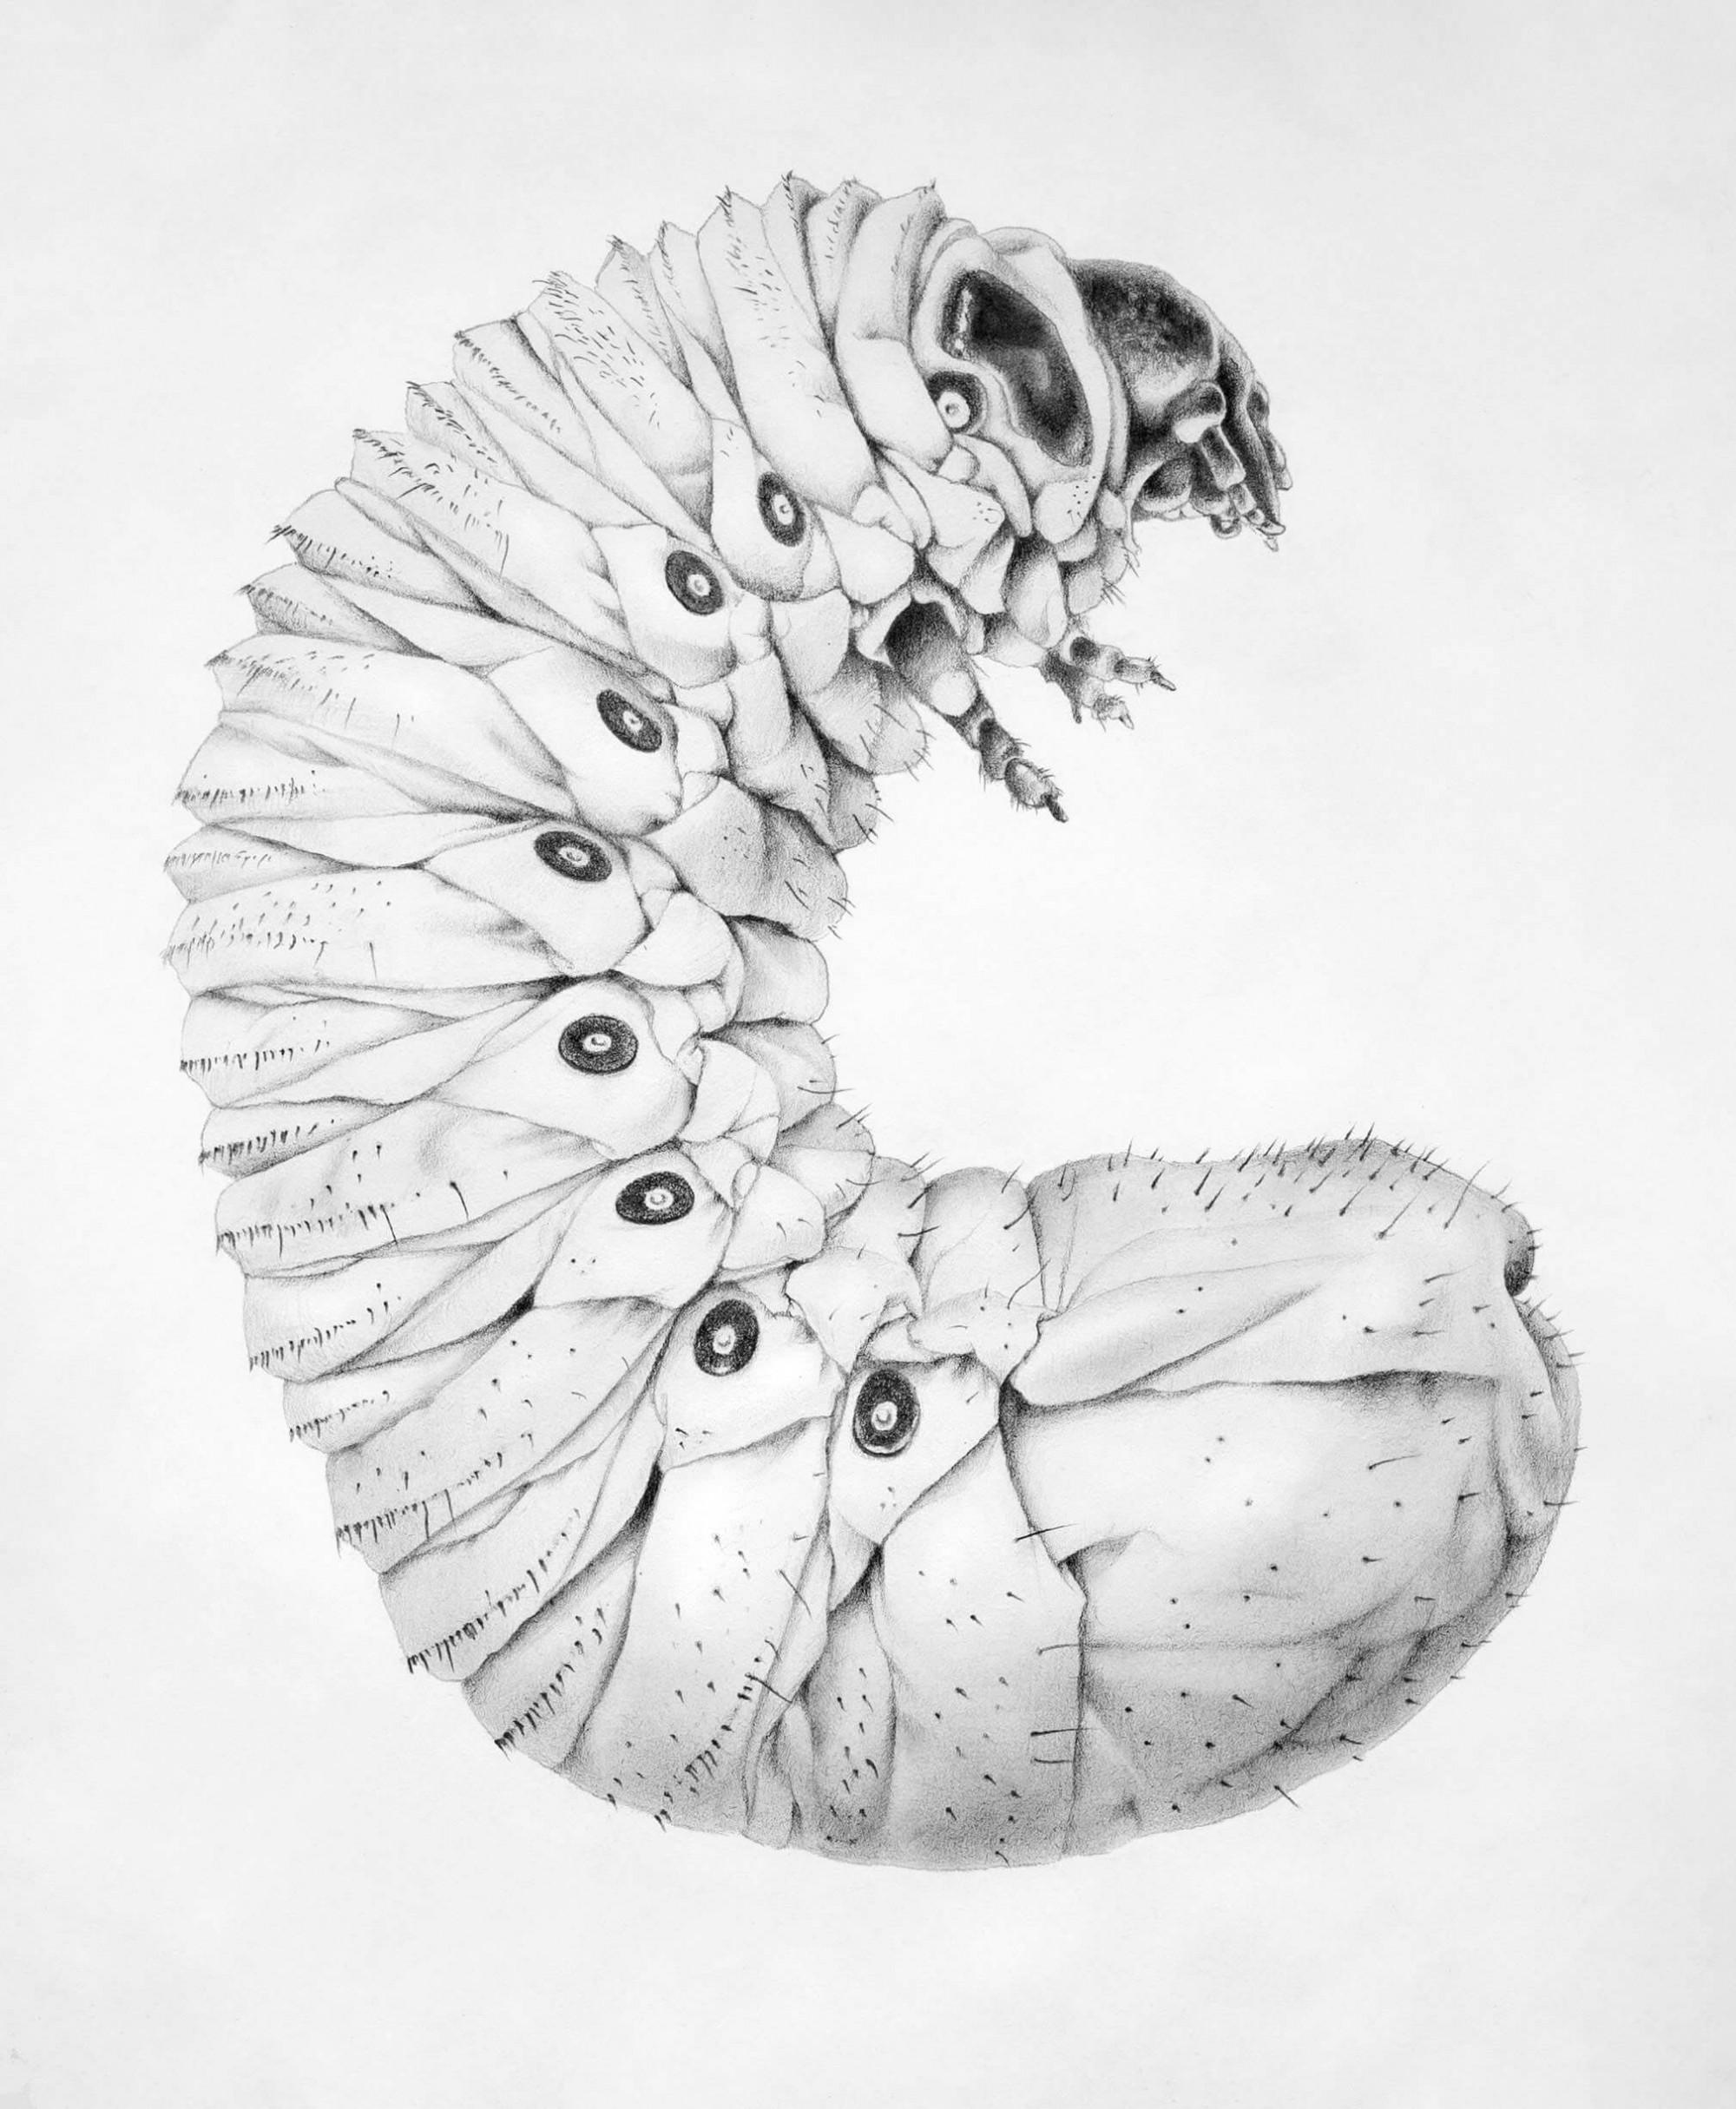 Hercules beetle larvae